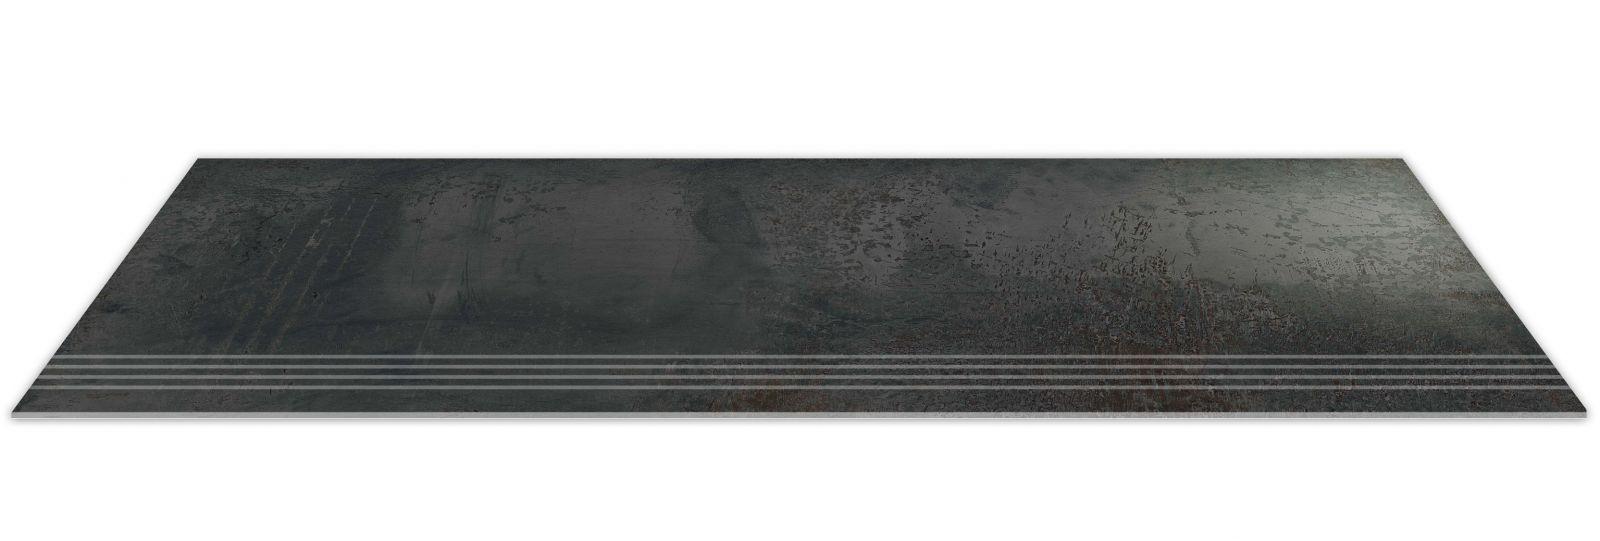 ступени под металл, ступени под асфальт, ступени из керамогранита, ступени хит, атлас конкорд ступени, ступени heat, ступени черного цвета